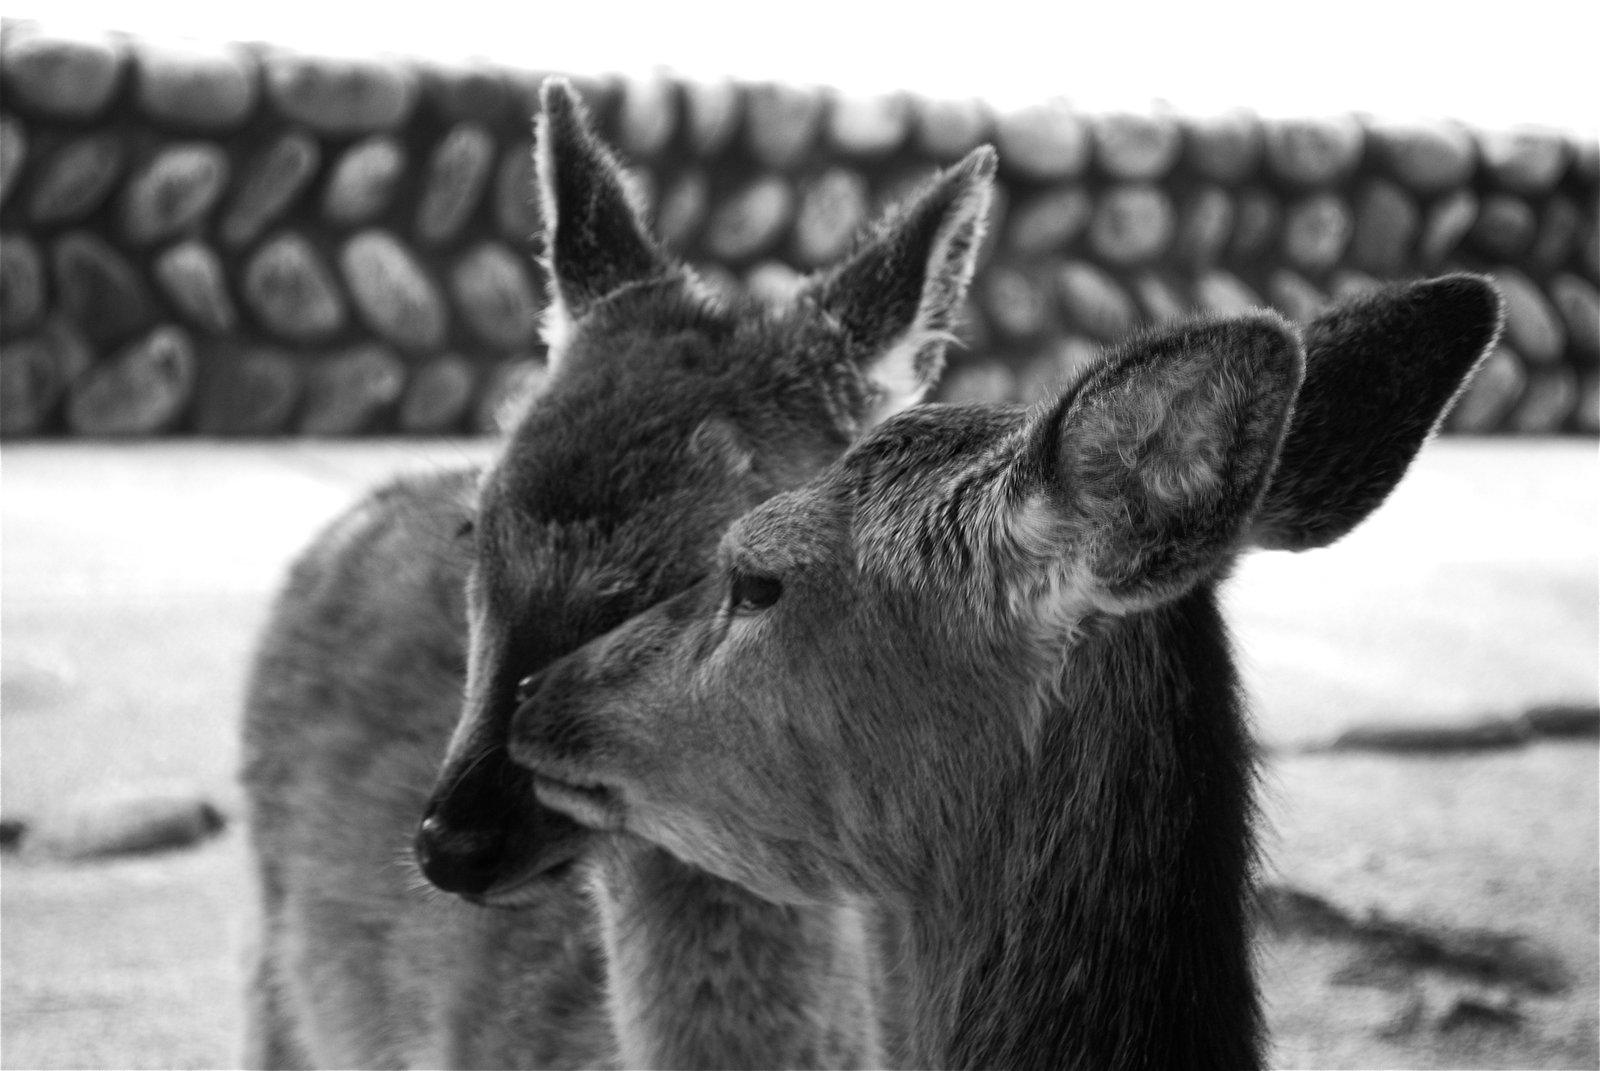 Pic I took of deer in Japan